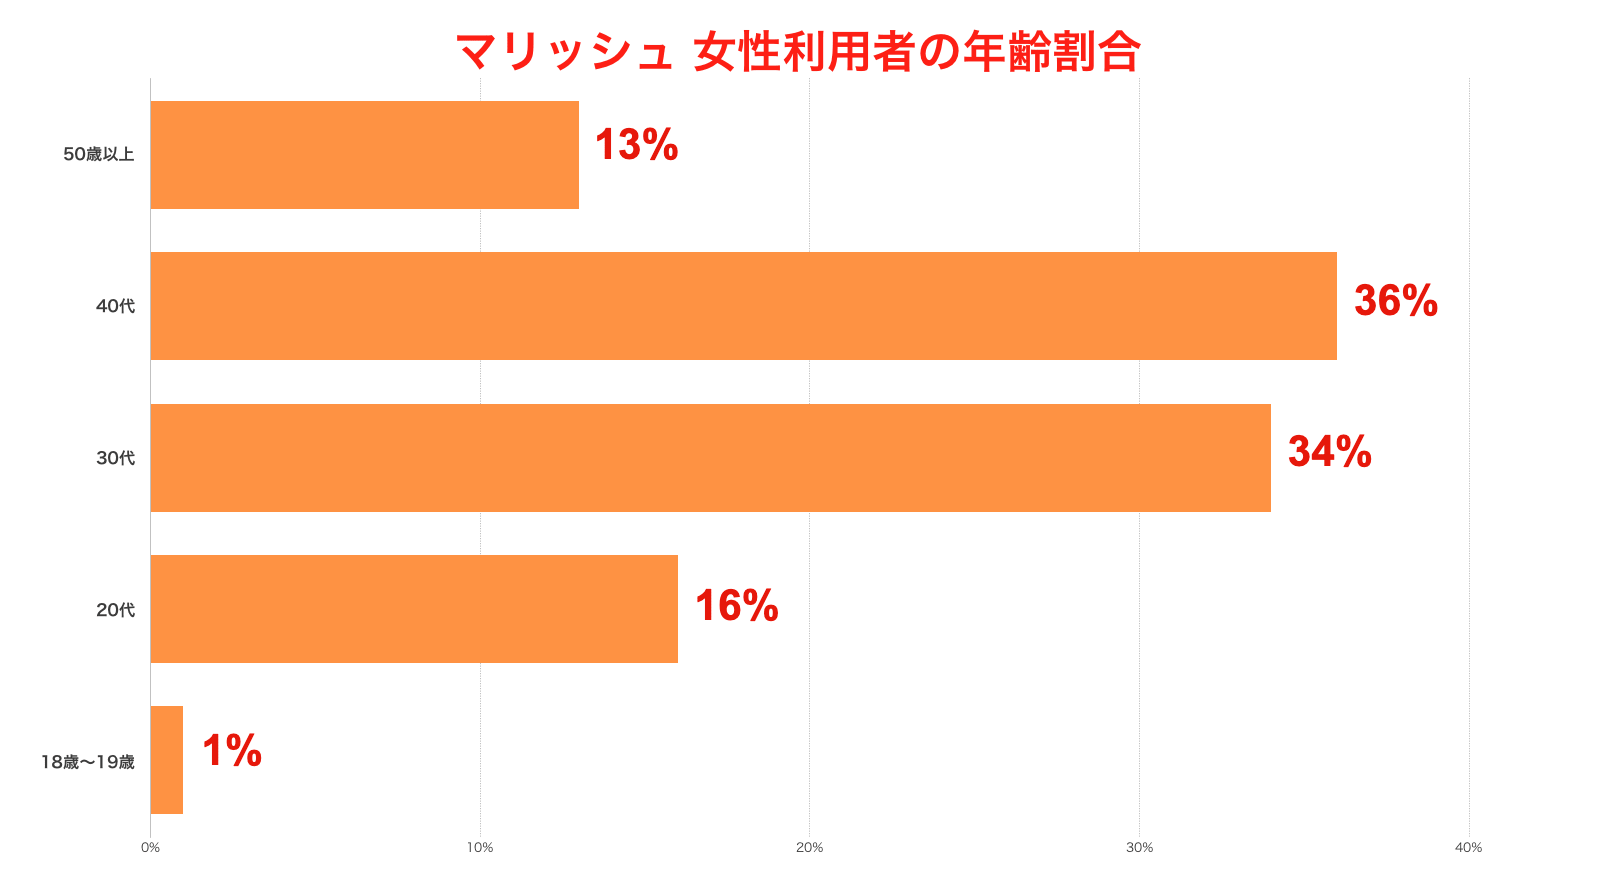 マリッシュ女性利用者の年齢割合